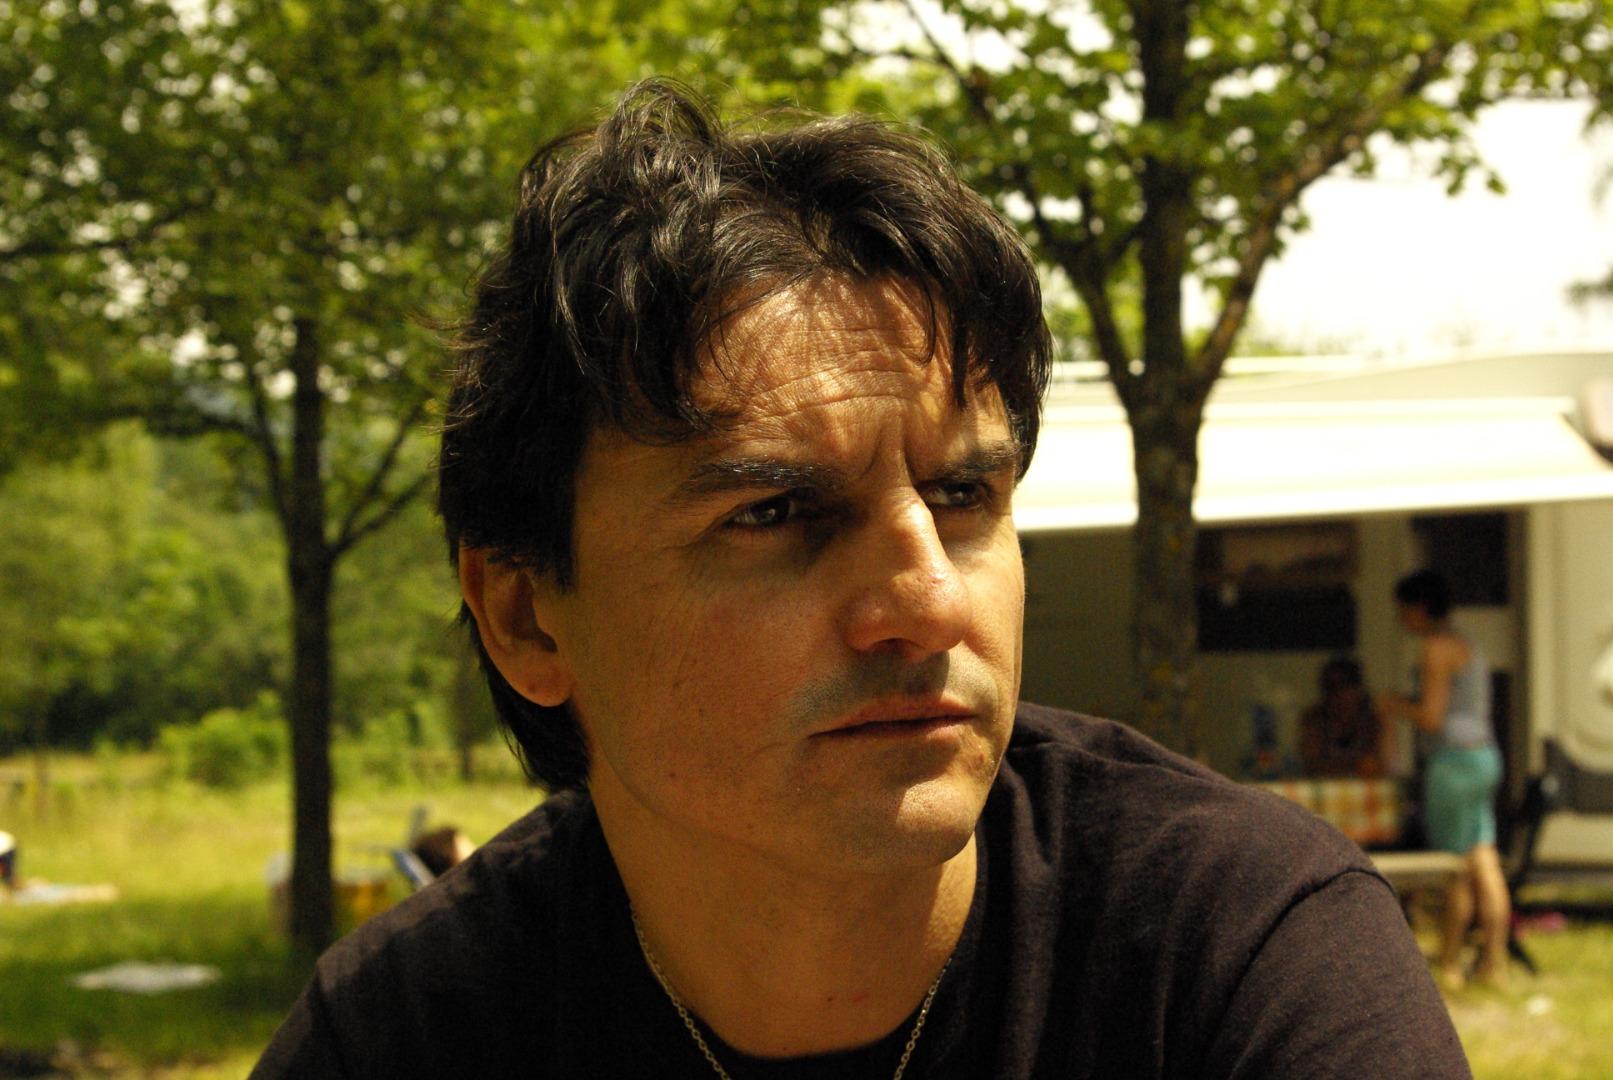 Paolo Masia